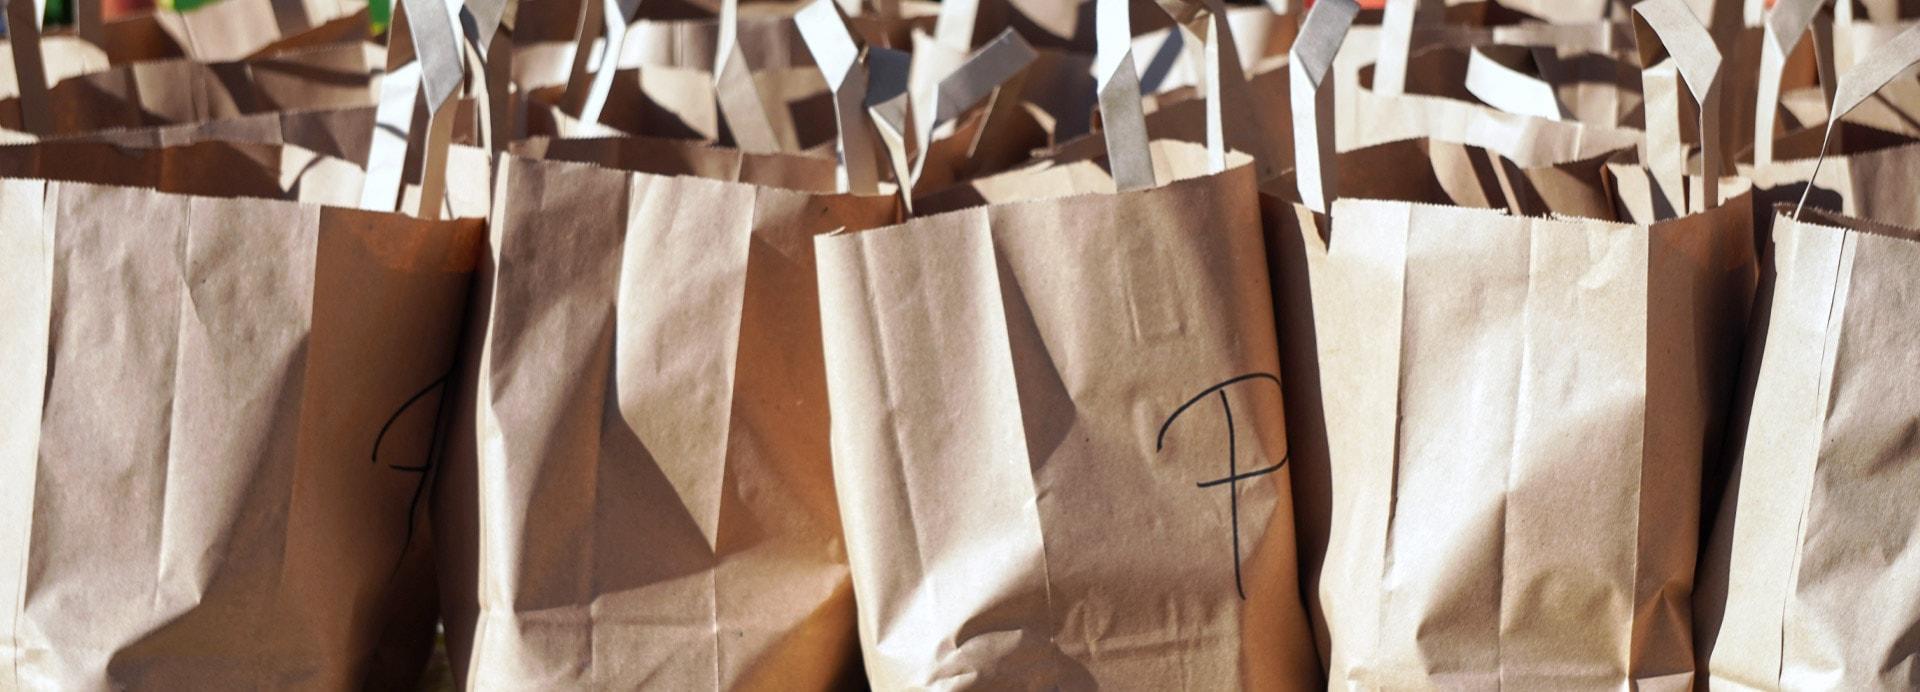 Einkaufstüten zur Abholung